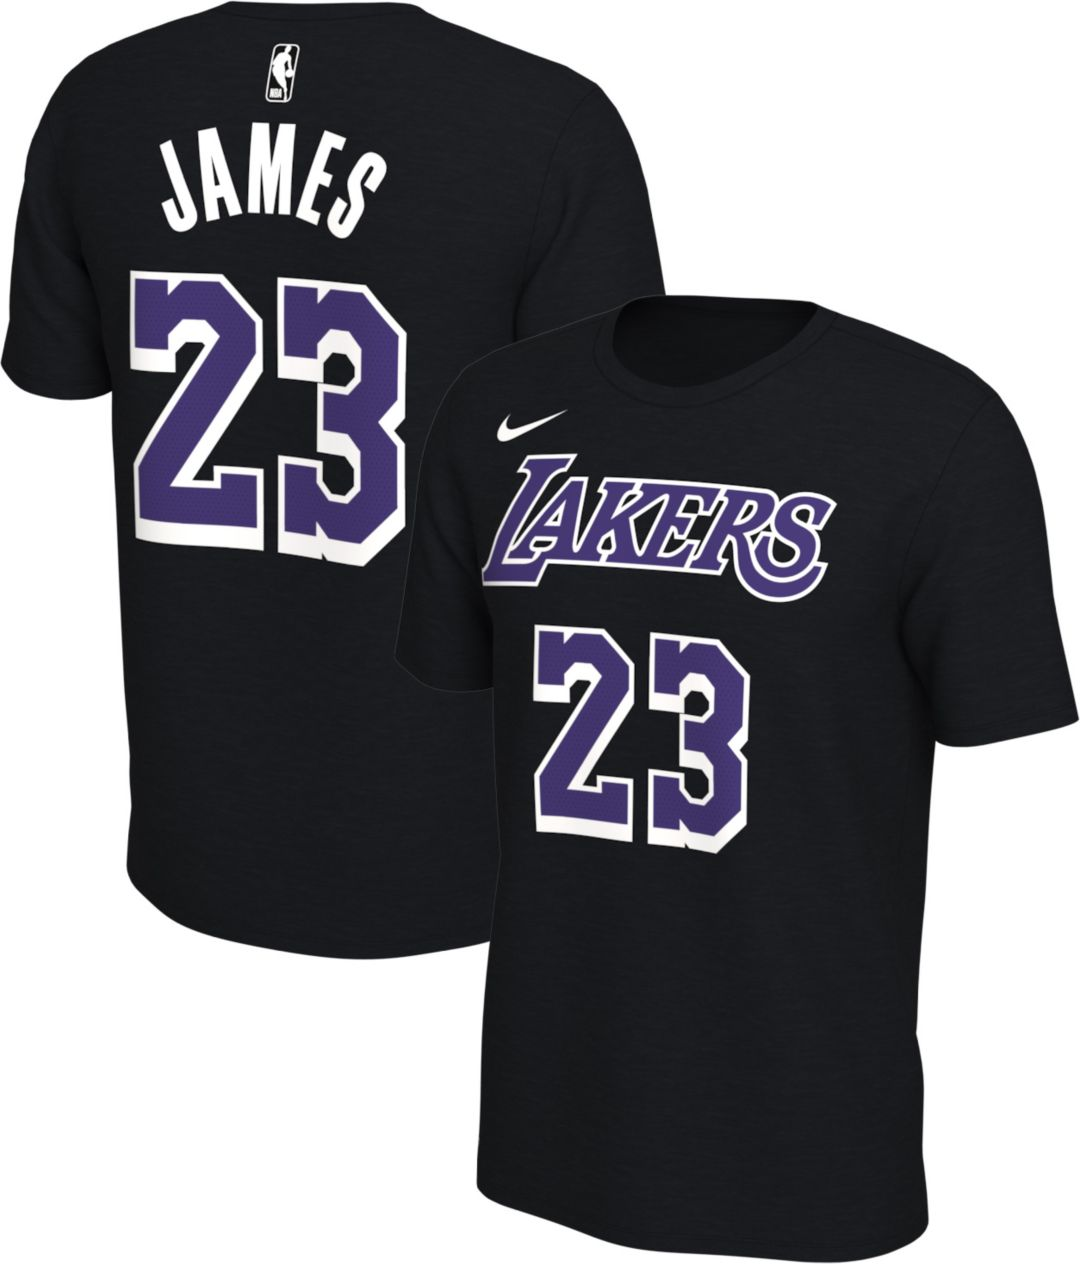 c25f7be1 Nike Men's Los Angeles Lakers LeBron James #23 Dri-FIT Black T-Shirt